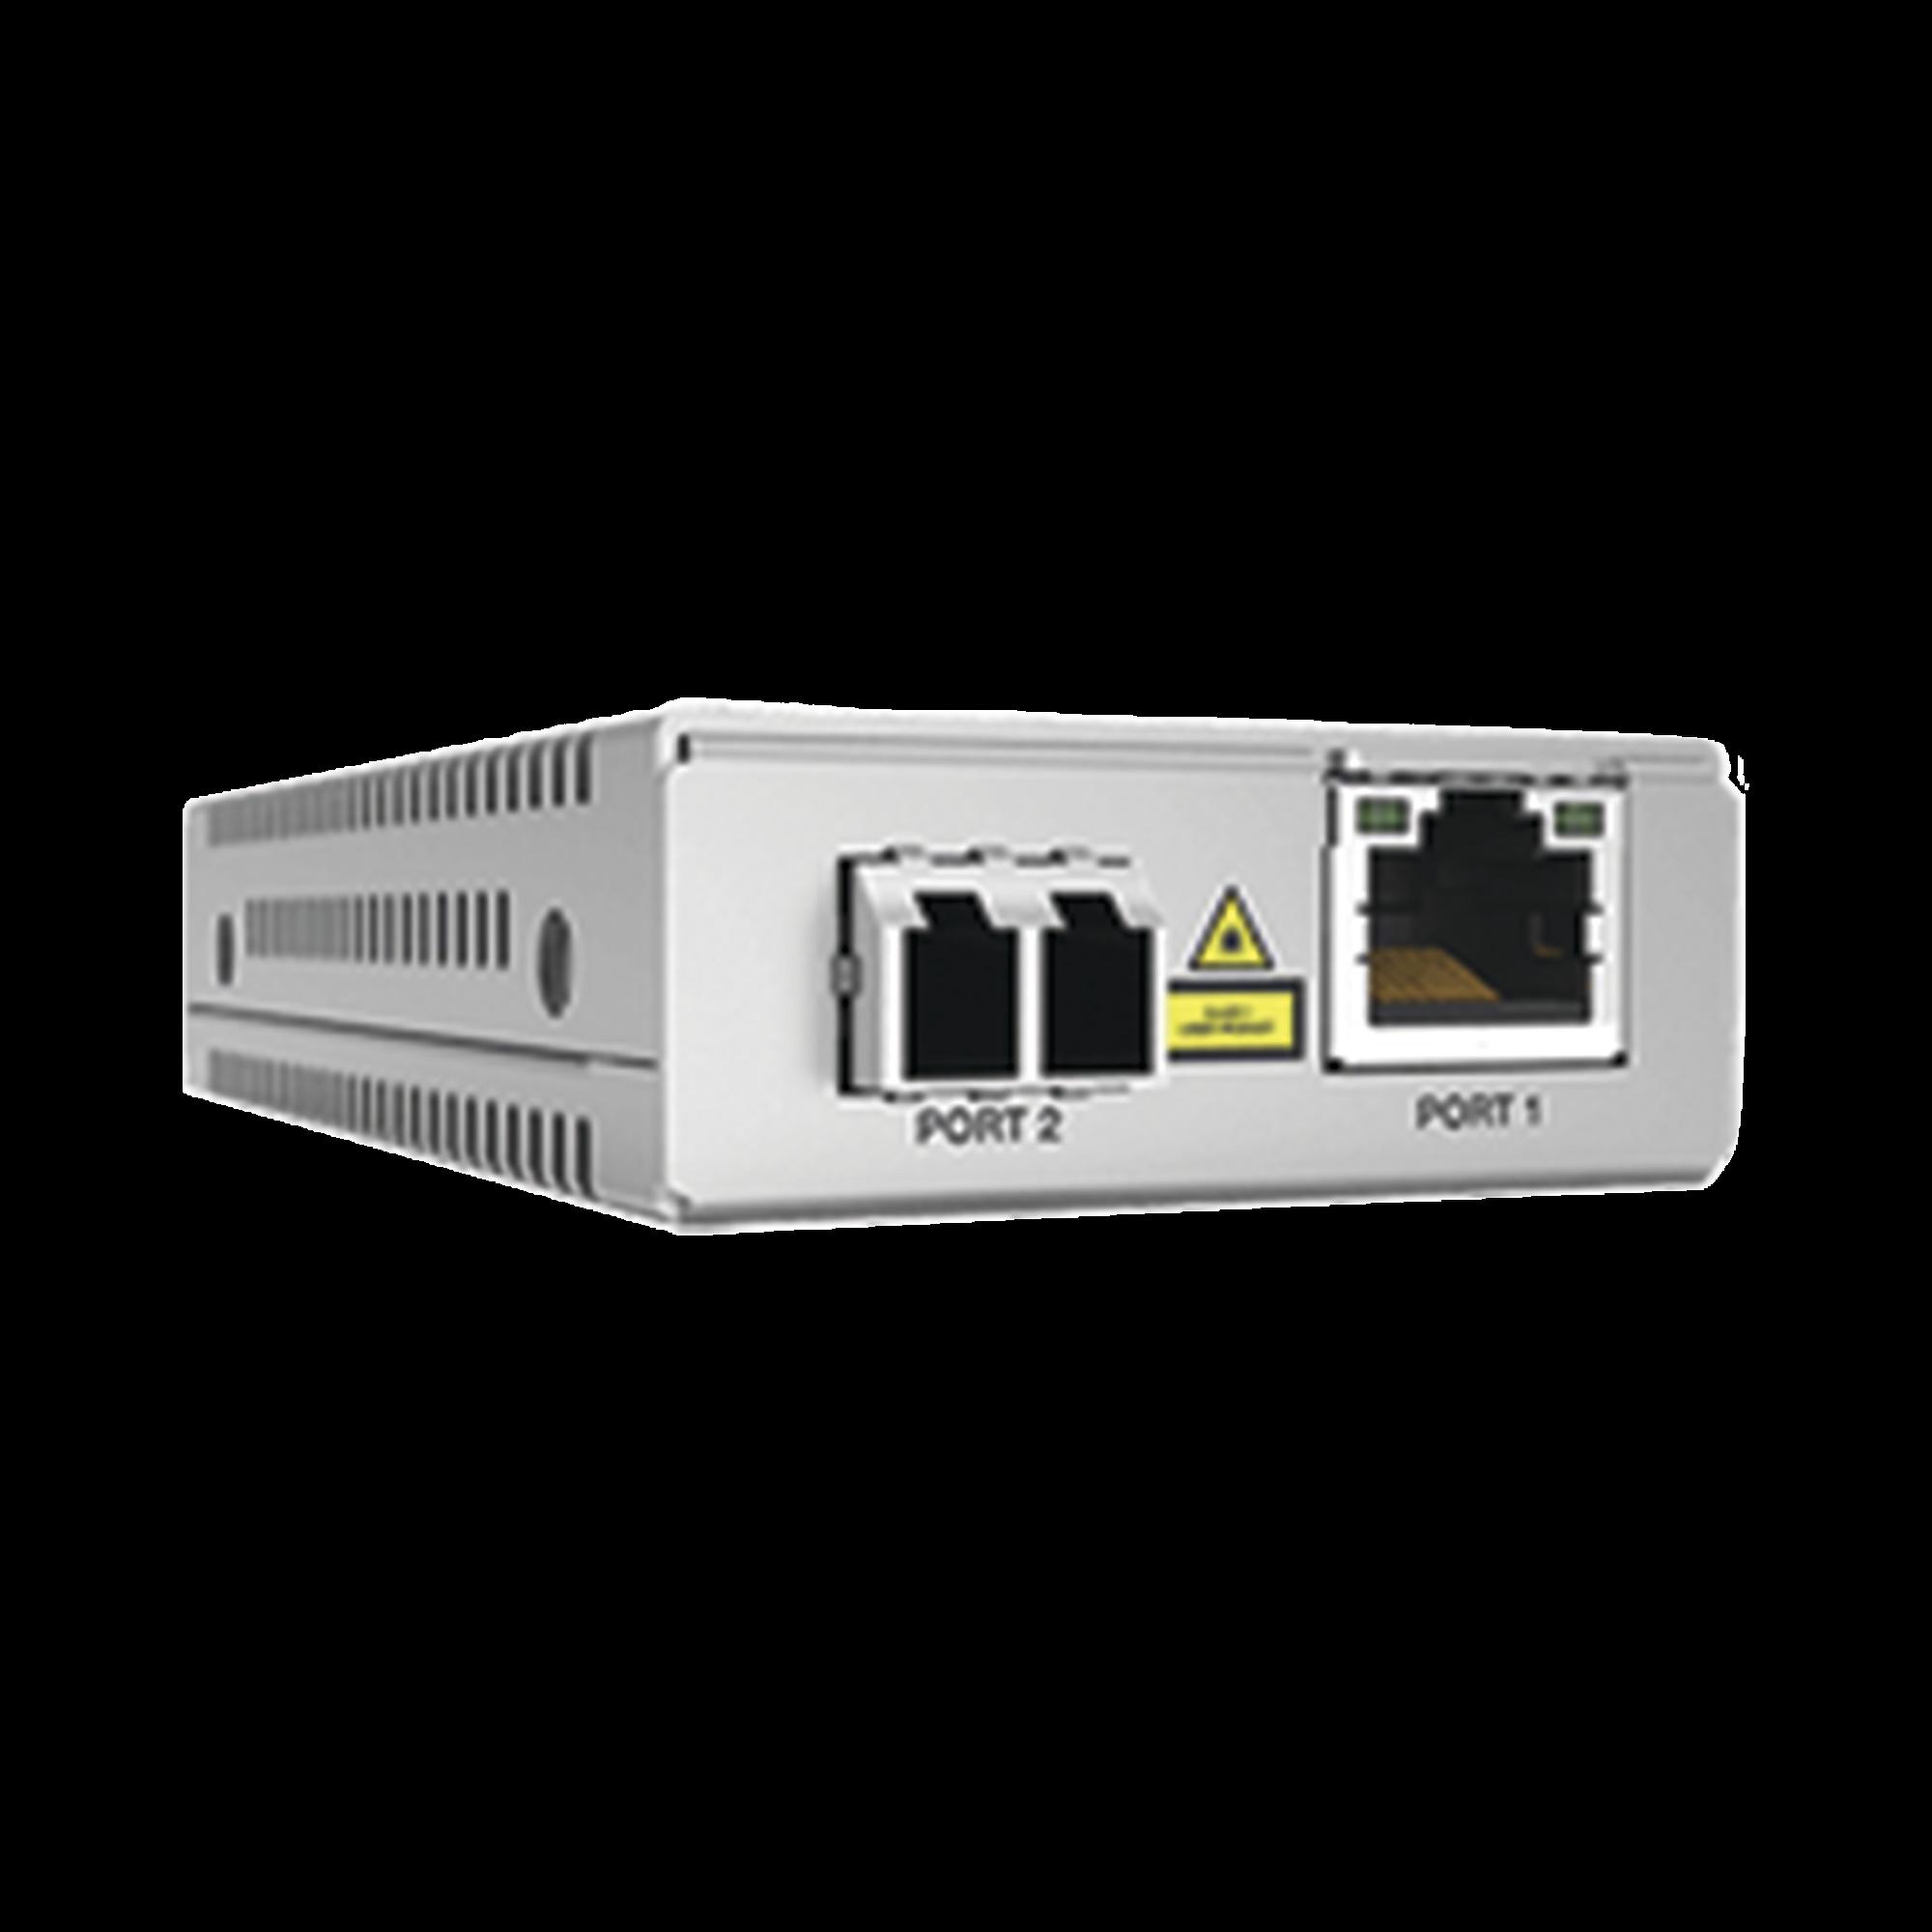 Convertidor de medios gigabit ethernet a fibra optica, conector LC, multimodo (MMF), distancia de 220 hasta 500 m, con fuente de alimentacion multi-region